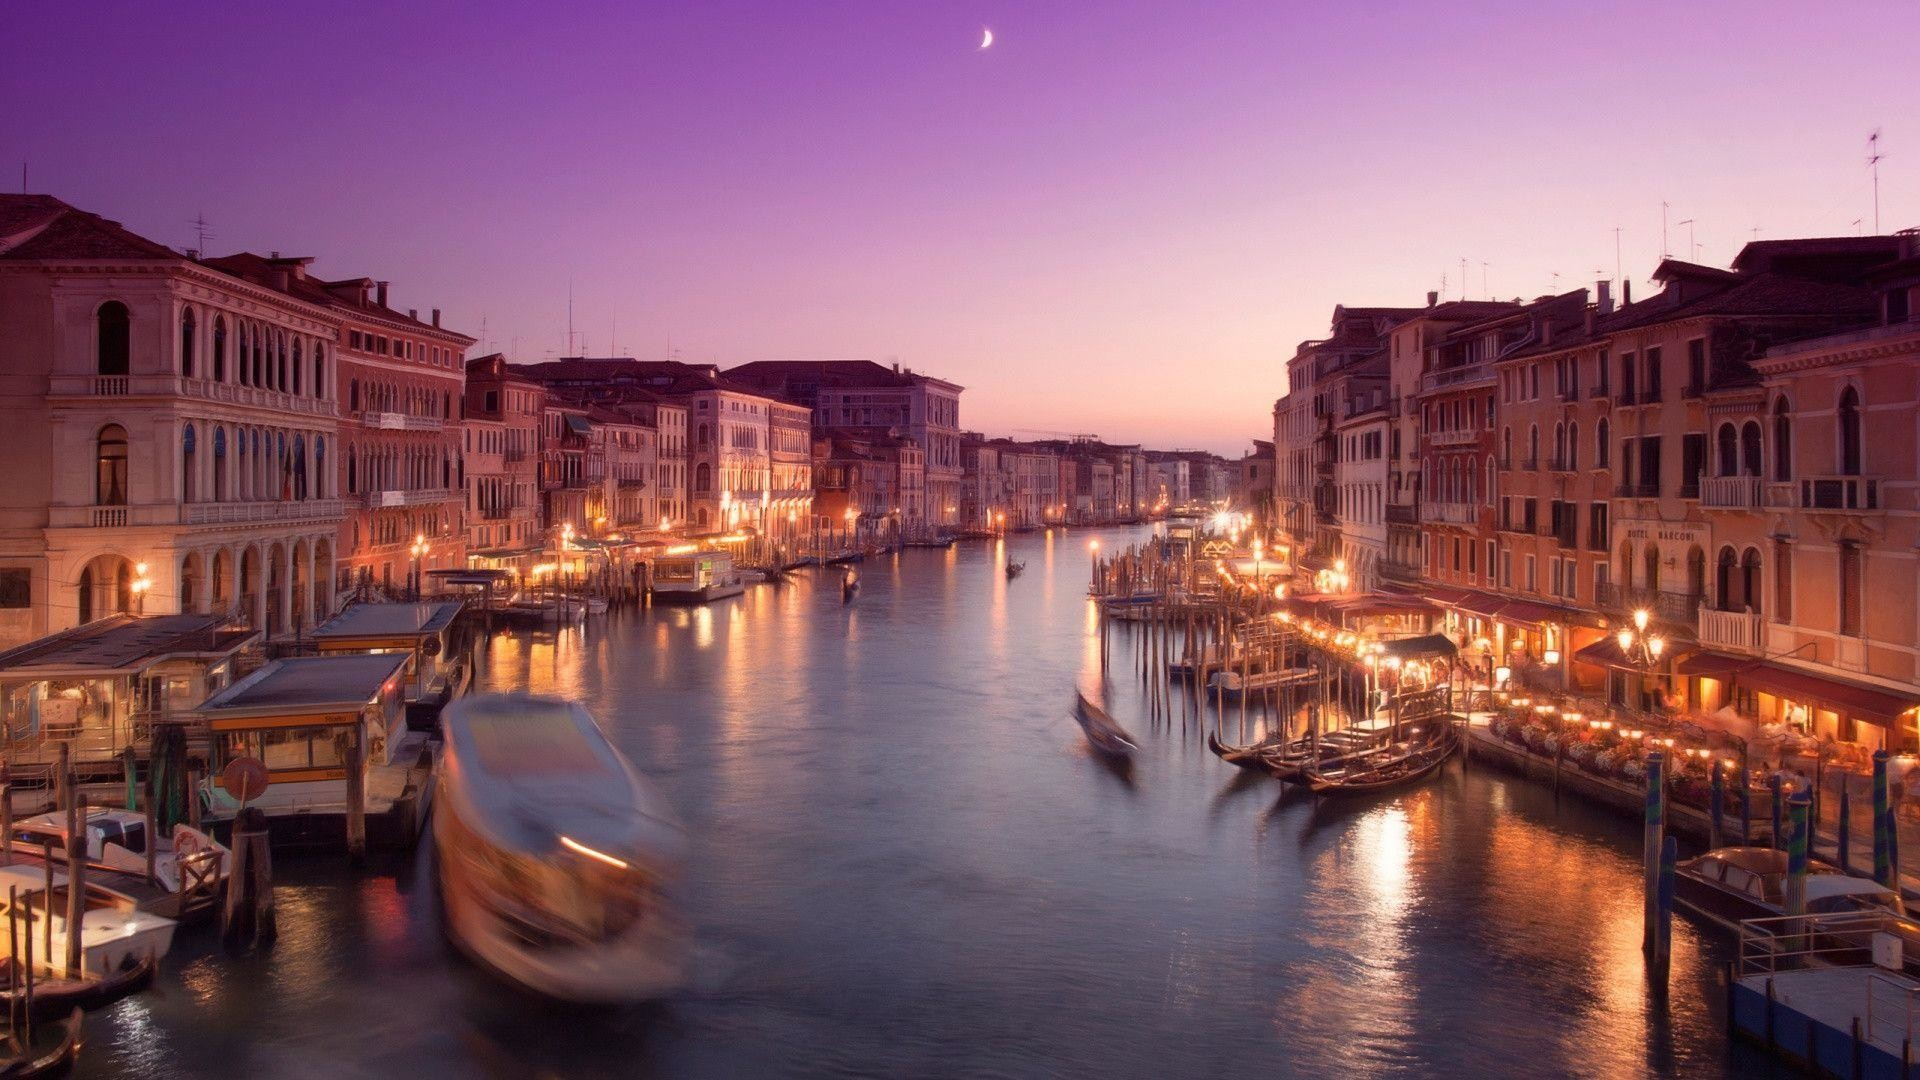 Italy Desktop Wallpaper 76 Pictures